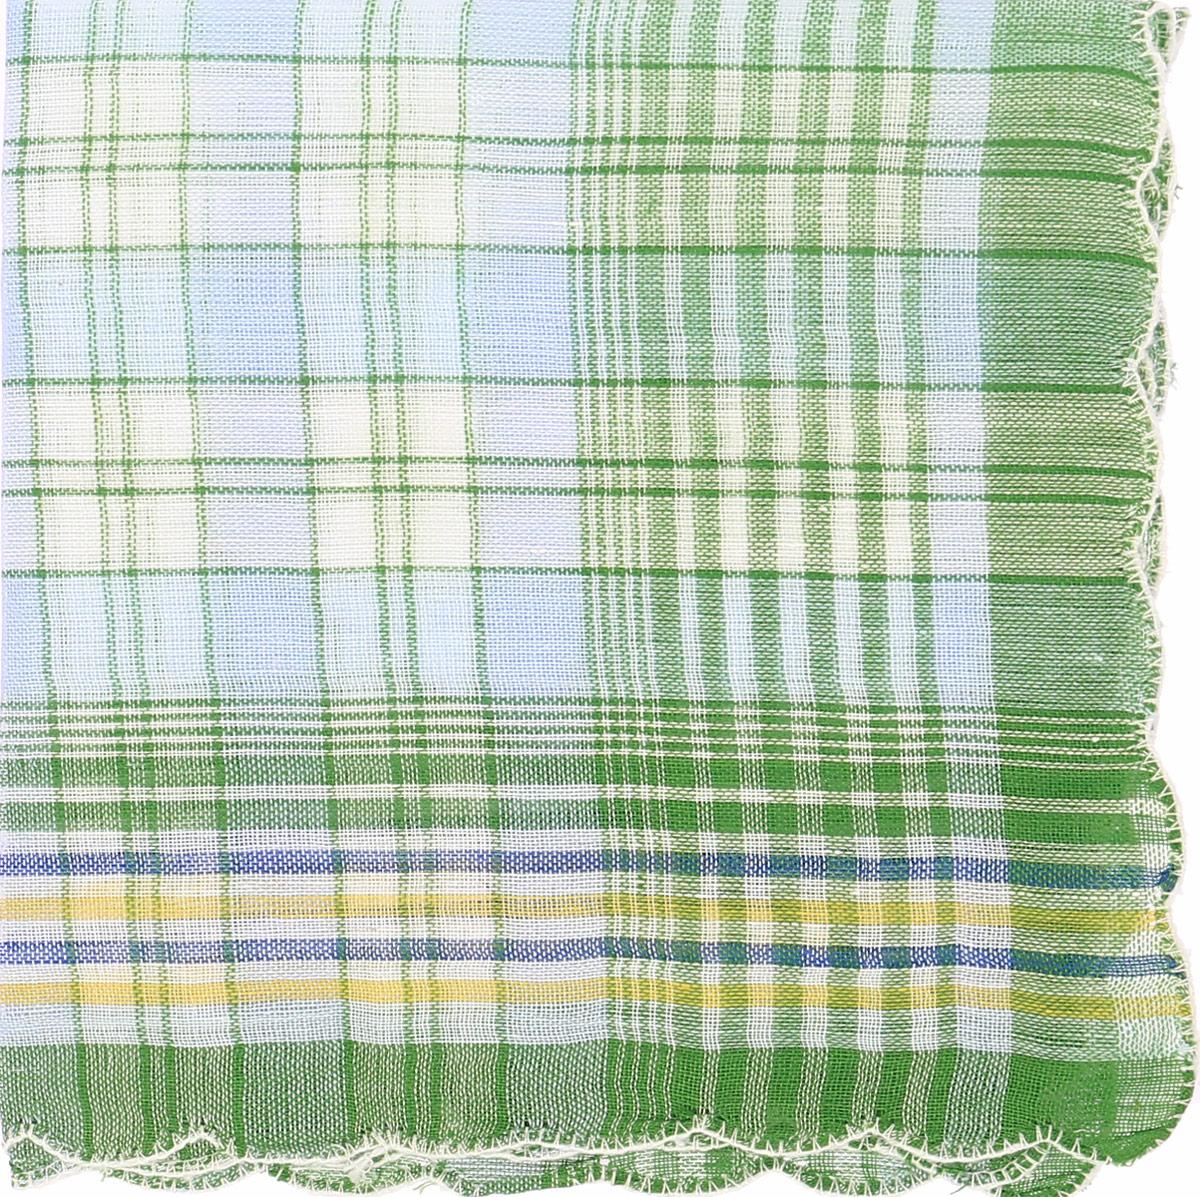 Платок носовой женский Zlata Korunka, цвет: зеленый. 45478. Размер 27 см х 27 см45478_зеленыйНосовой платок изготовлен из 100% хлопка, так как этот материал приятен в использовании, хорошо стирается, не садится, отлично впитывает влагу.